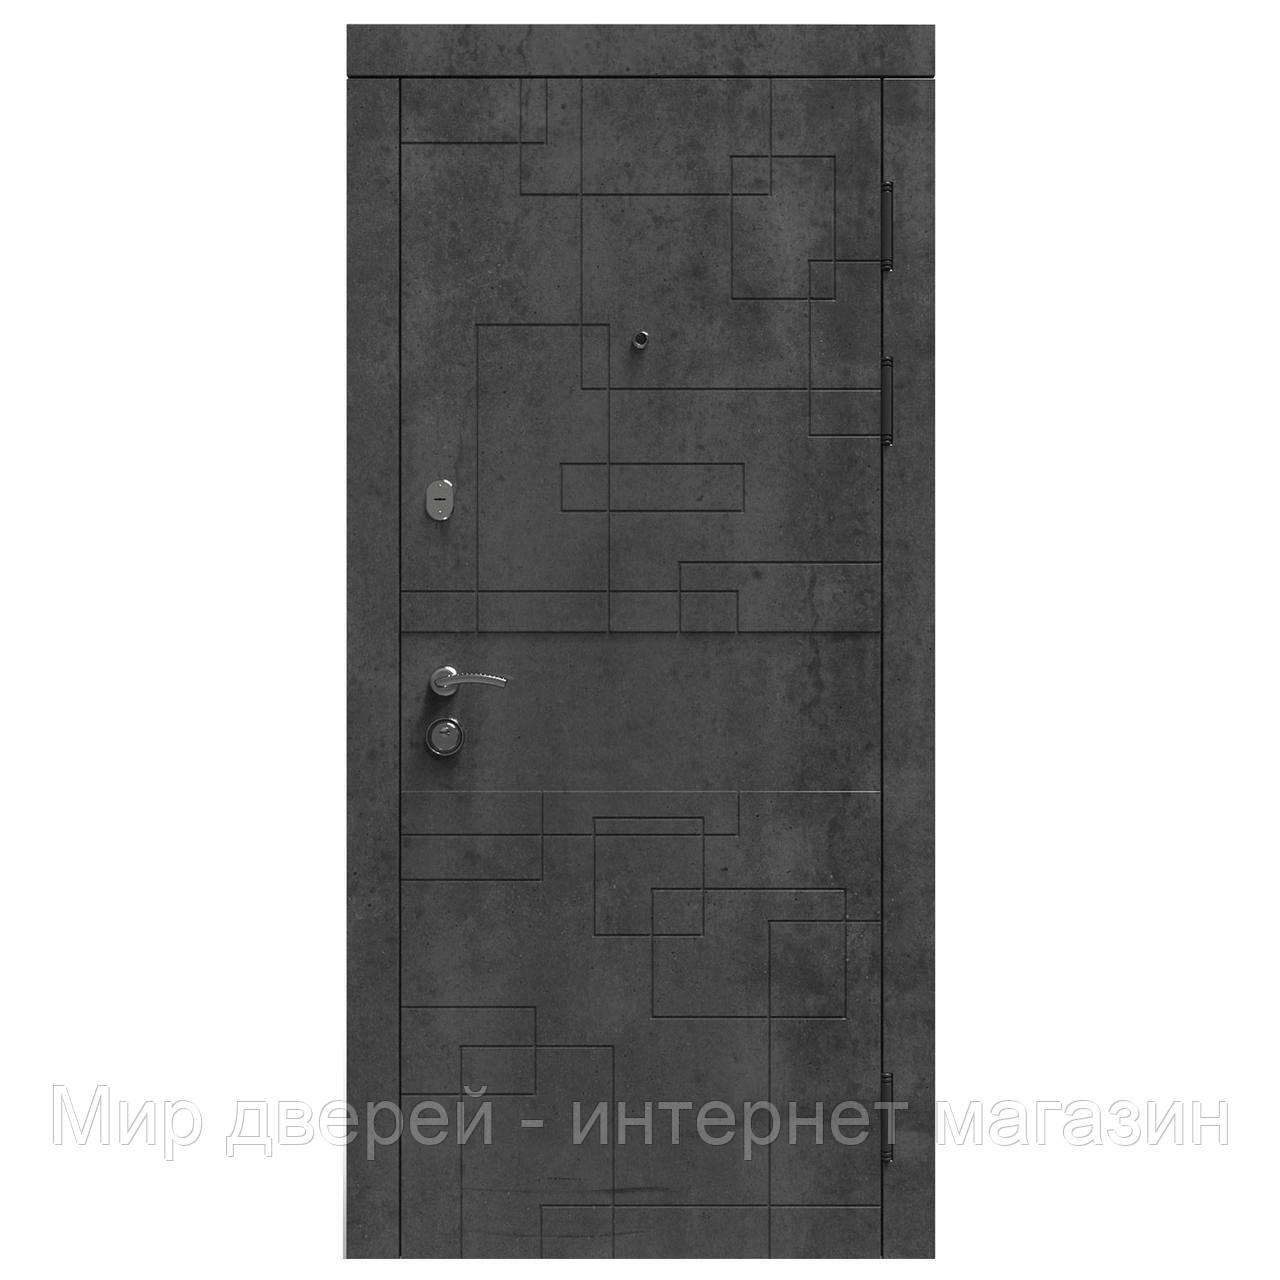 Двери входные KASKAD MODERN Лабиринт Эталон